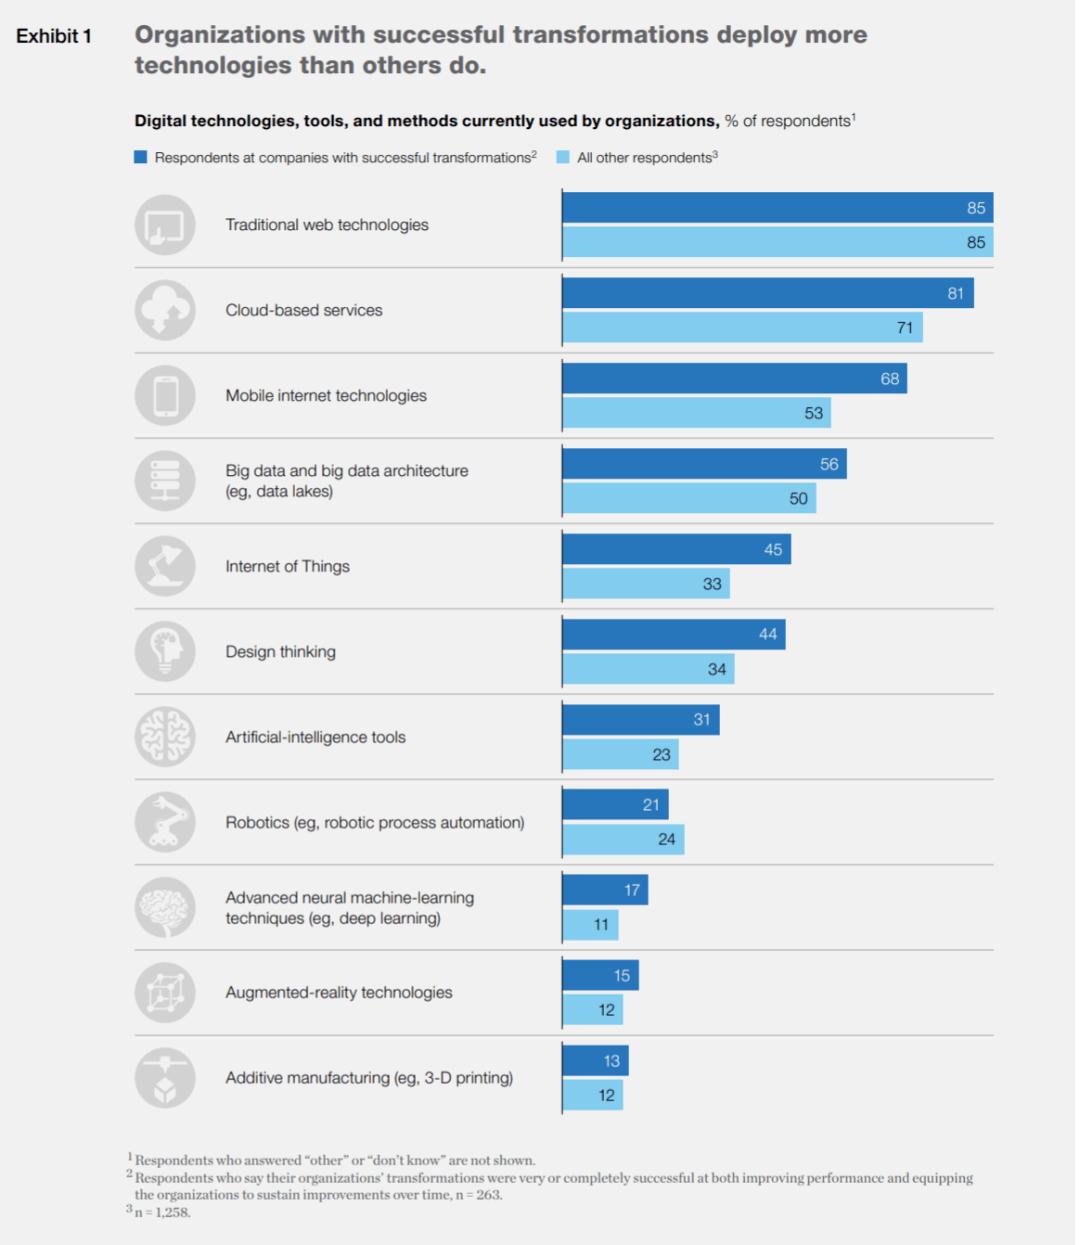 推荐阅读|麦肯锡:企业数字化转型失败率高达80%